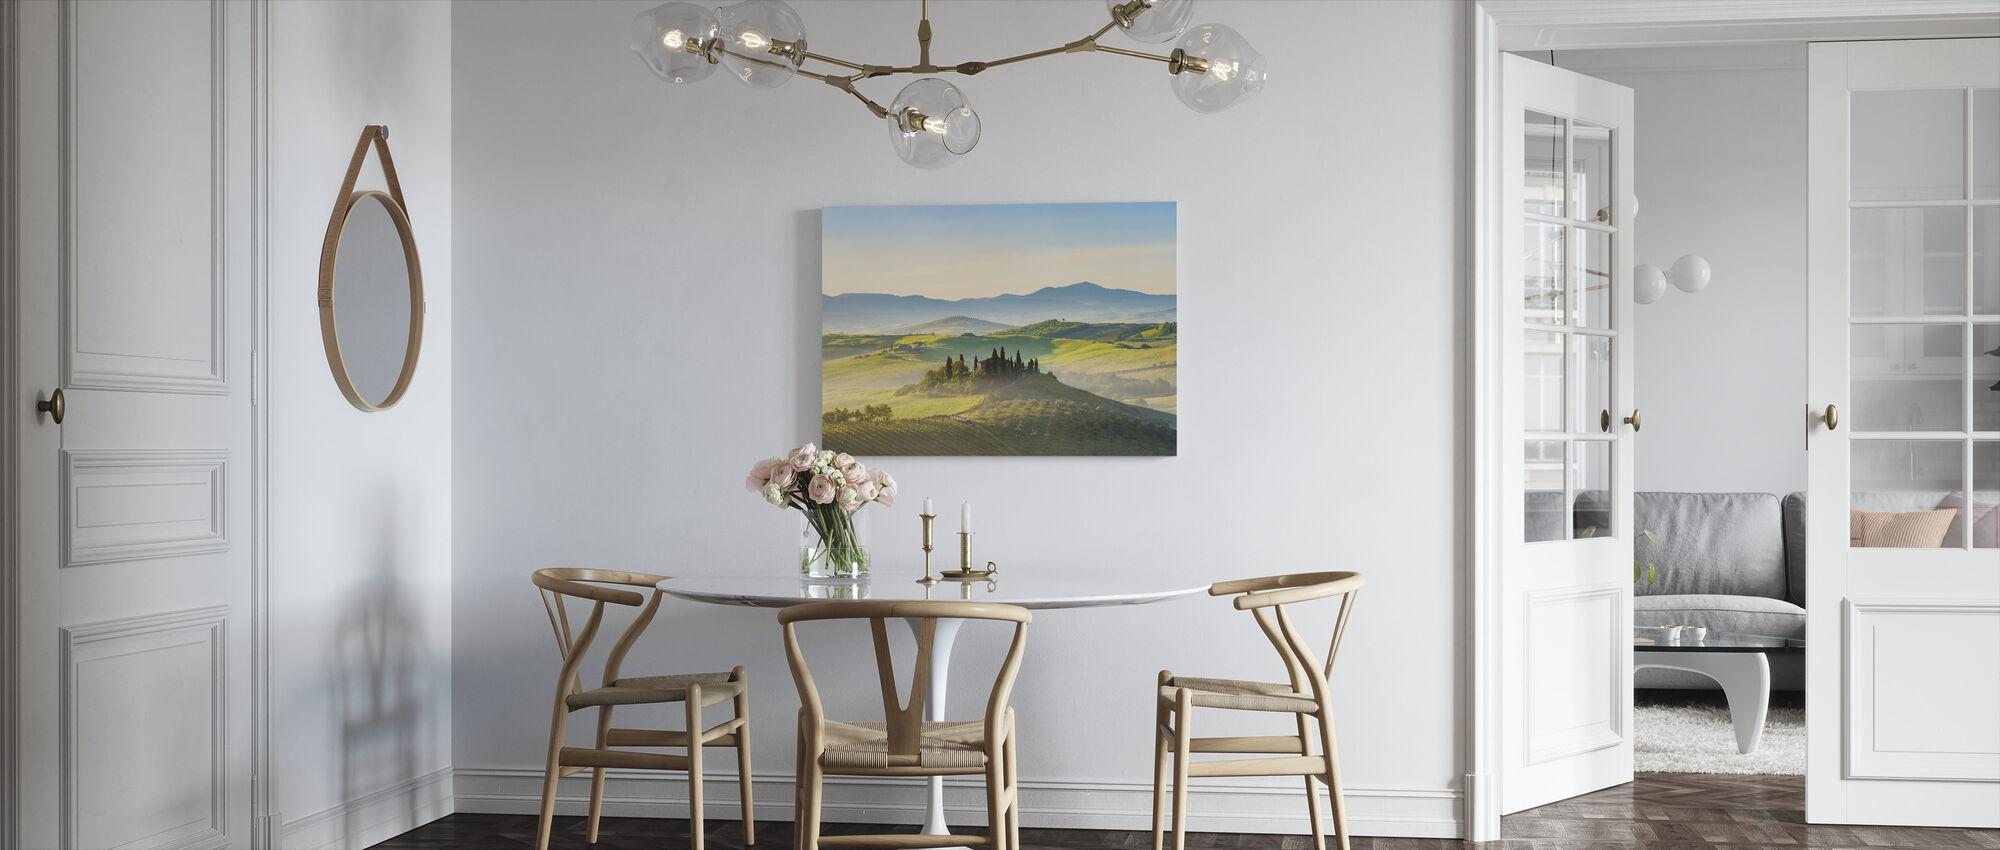 Toscana kevätaamuna - Canvastaulu - Keittiö